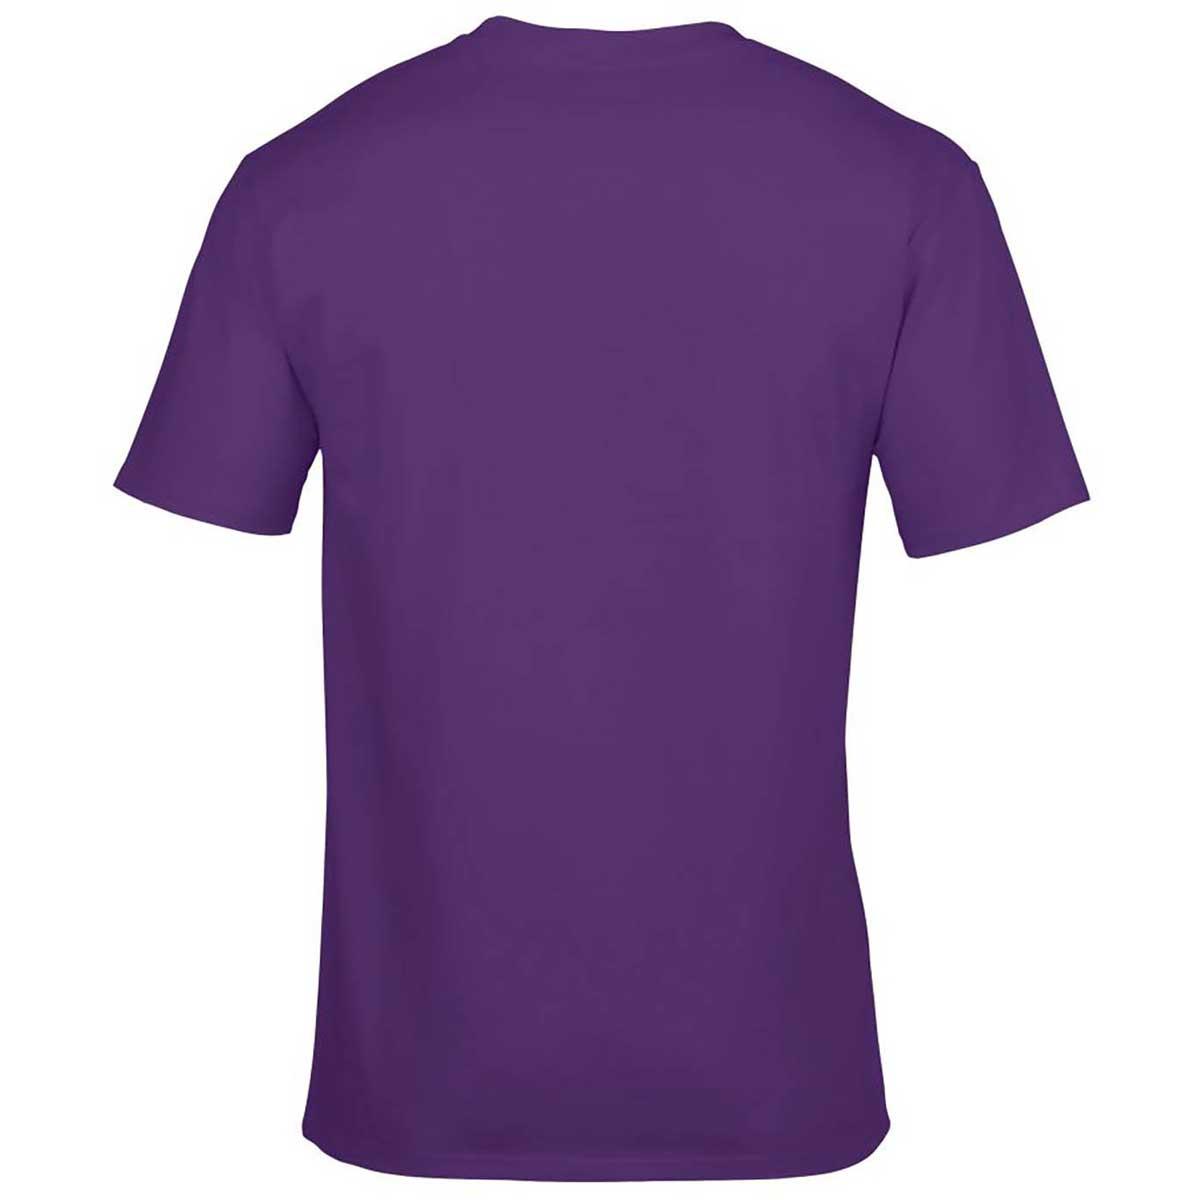 05_gd008_violet--0-0--3793ed85-7899-414f-8a4e-4593154cc799